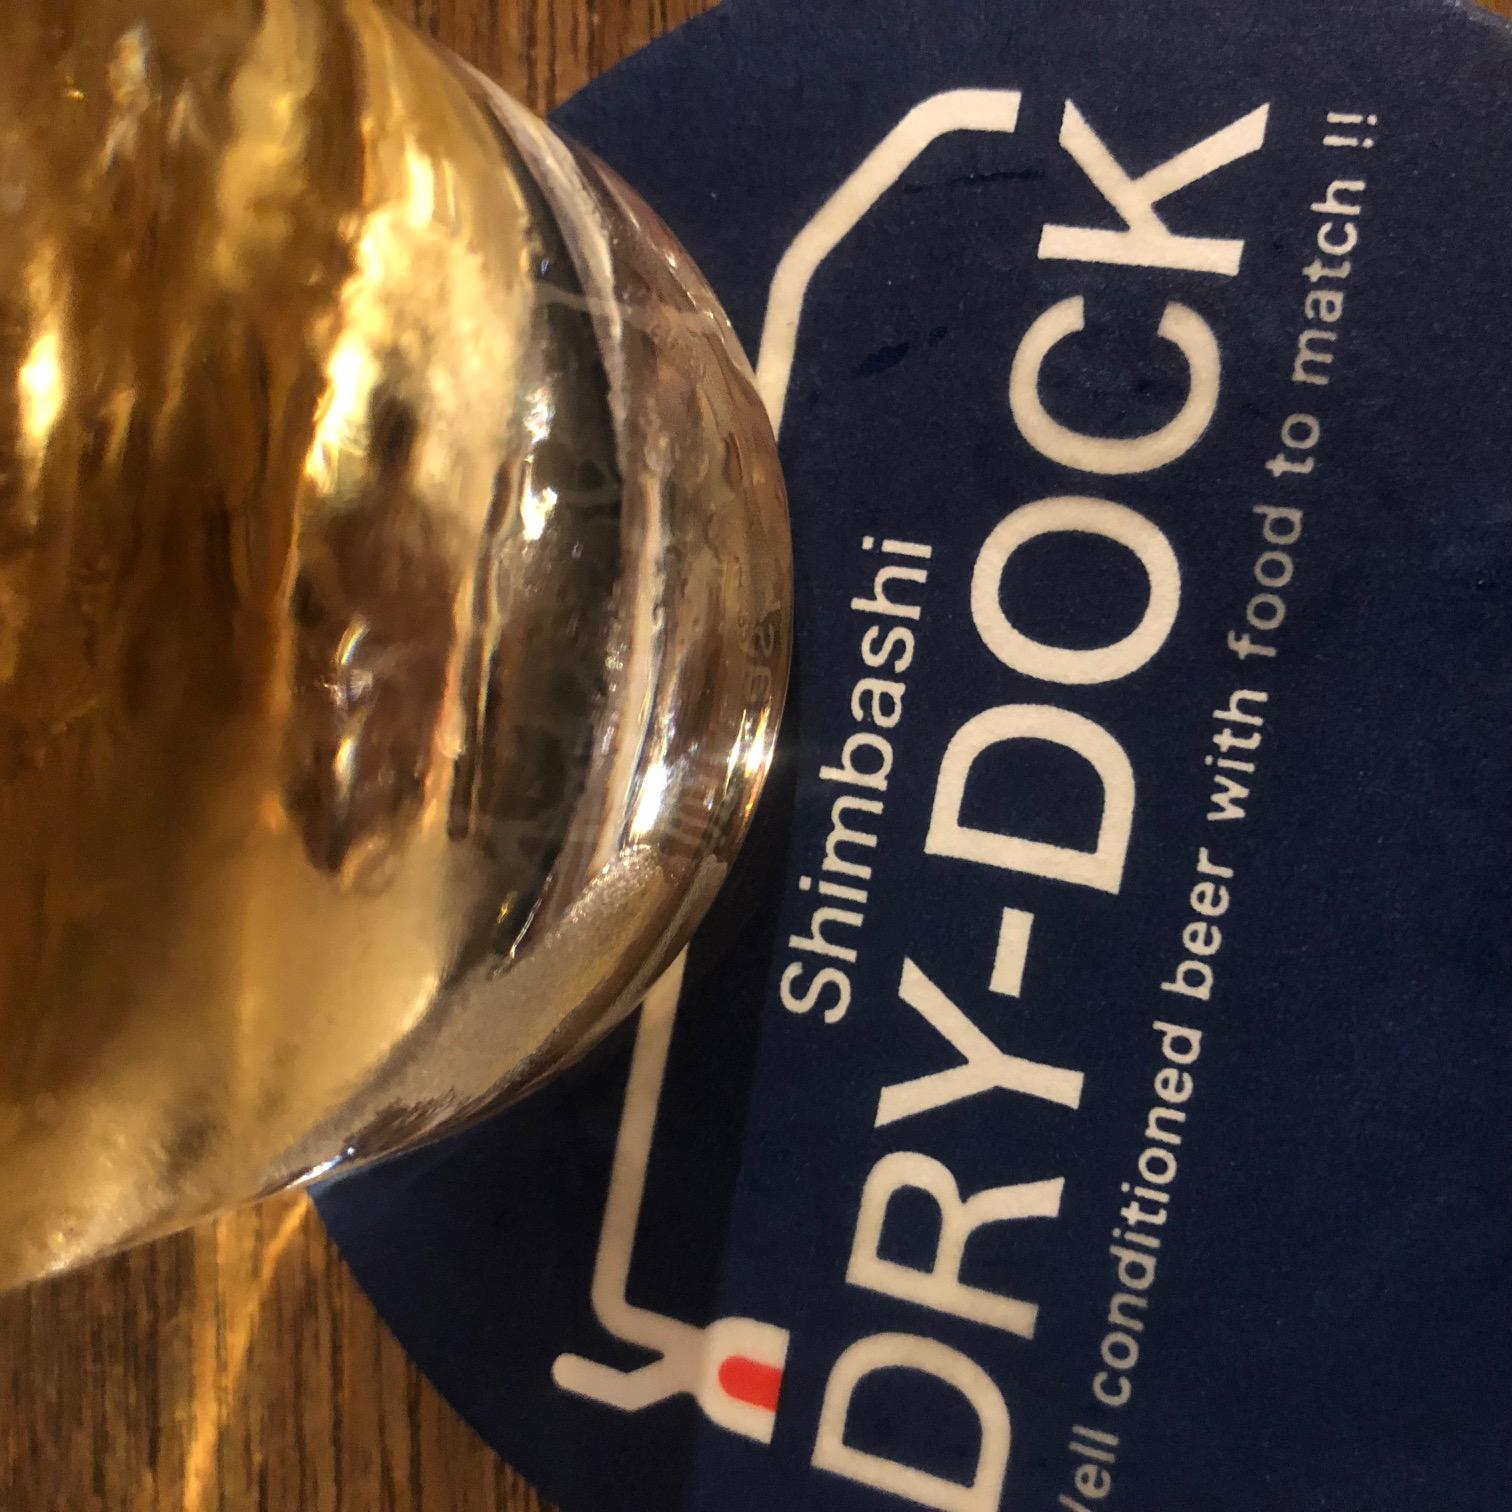 DRY -DOCK